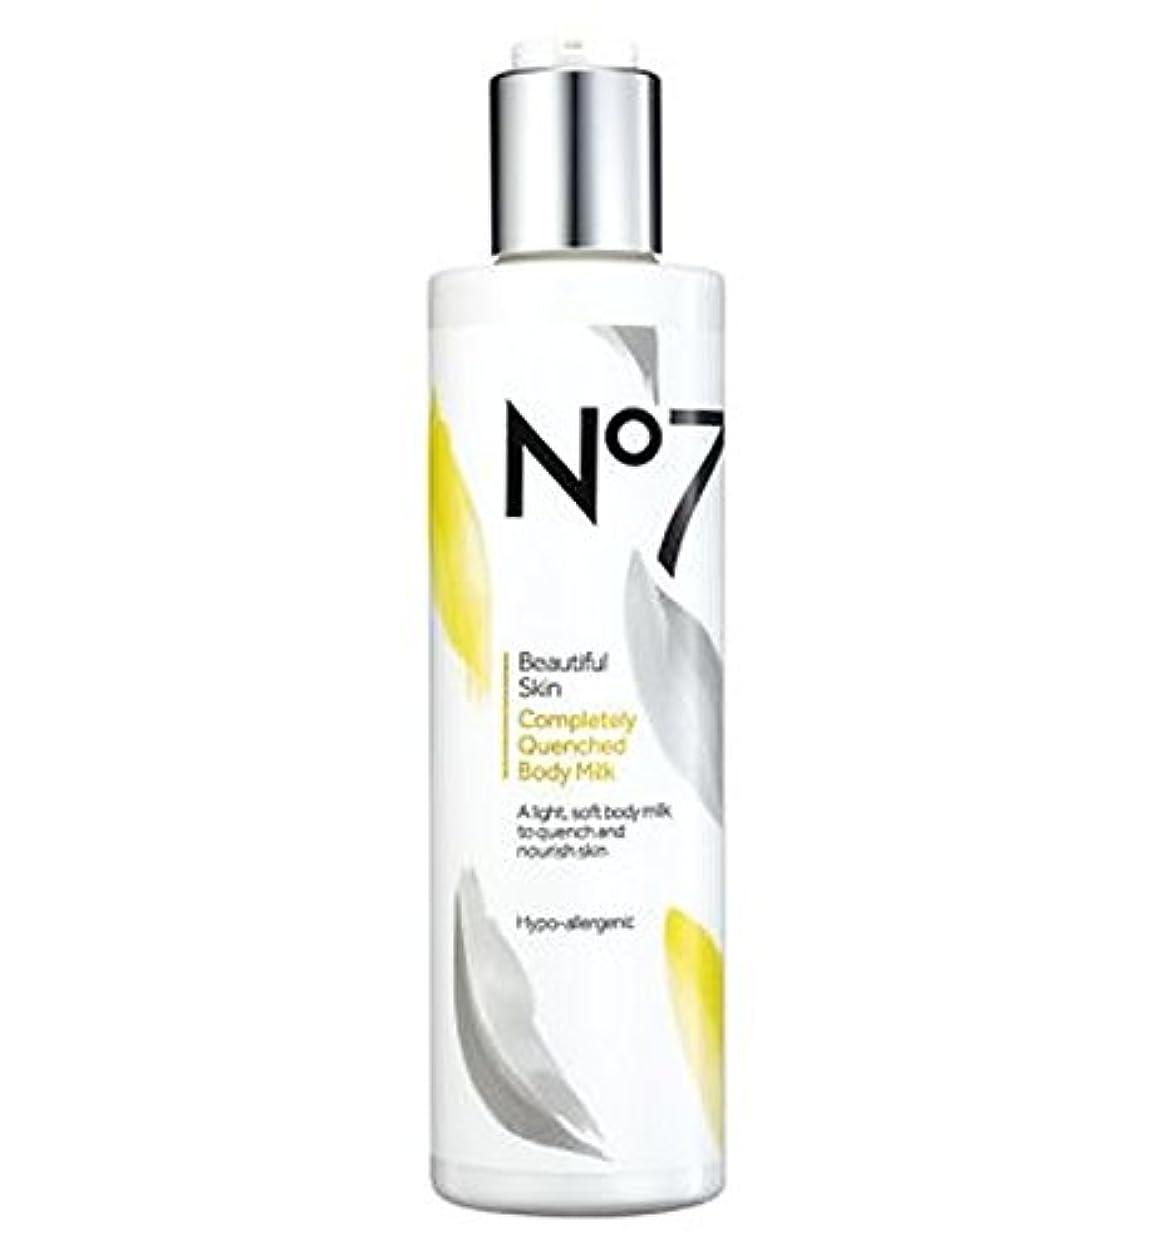 恐ろしいですニュージーランド充電No7 Beautiful Skin Completely Quenched Body Milk - No7美しい肌完全に急冷ボディミルク (No7) [並行輸入品]